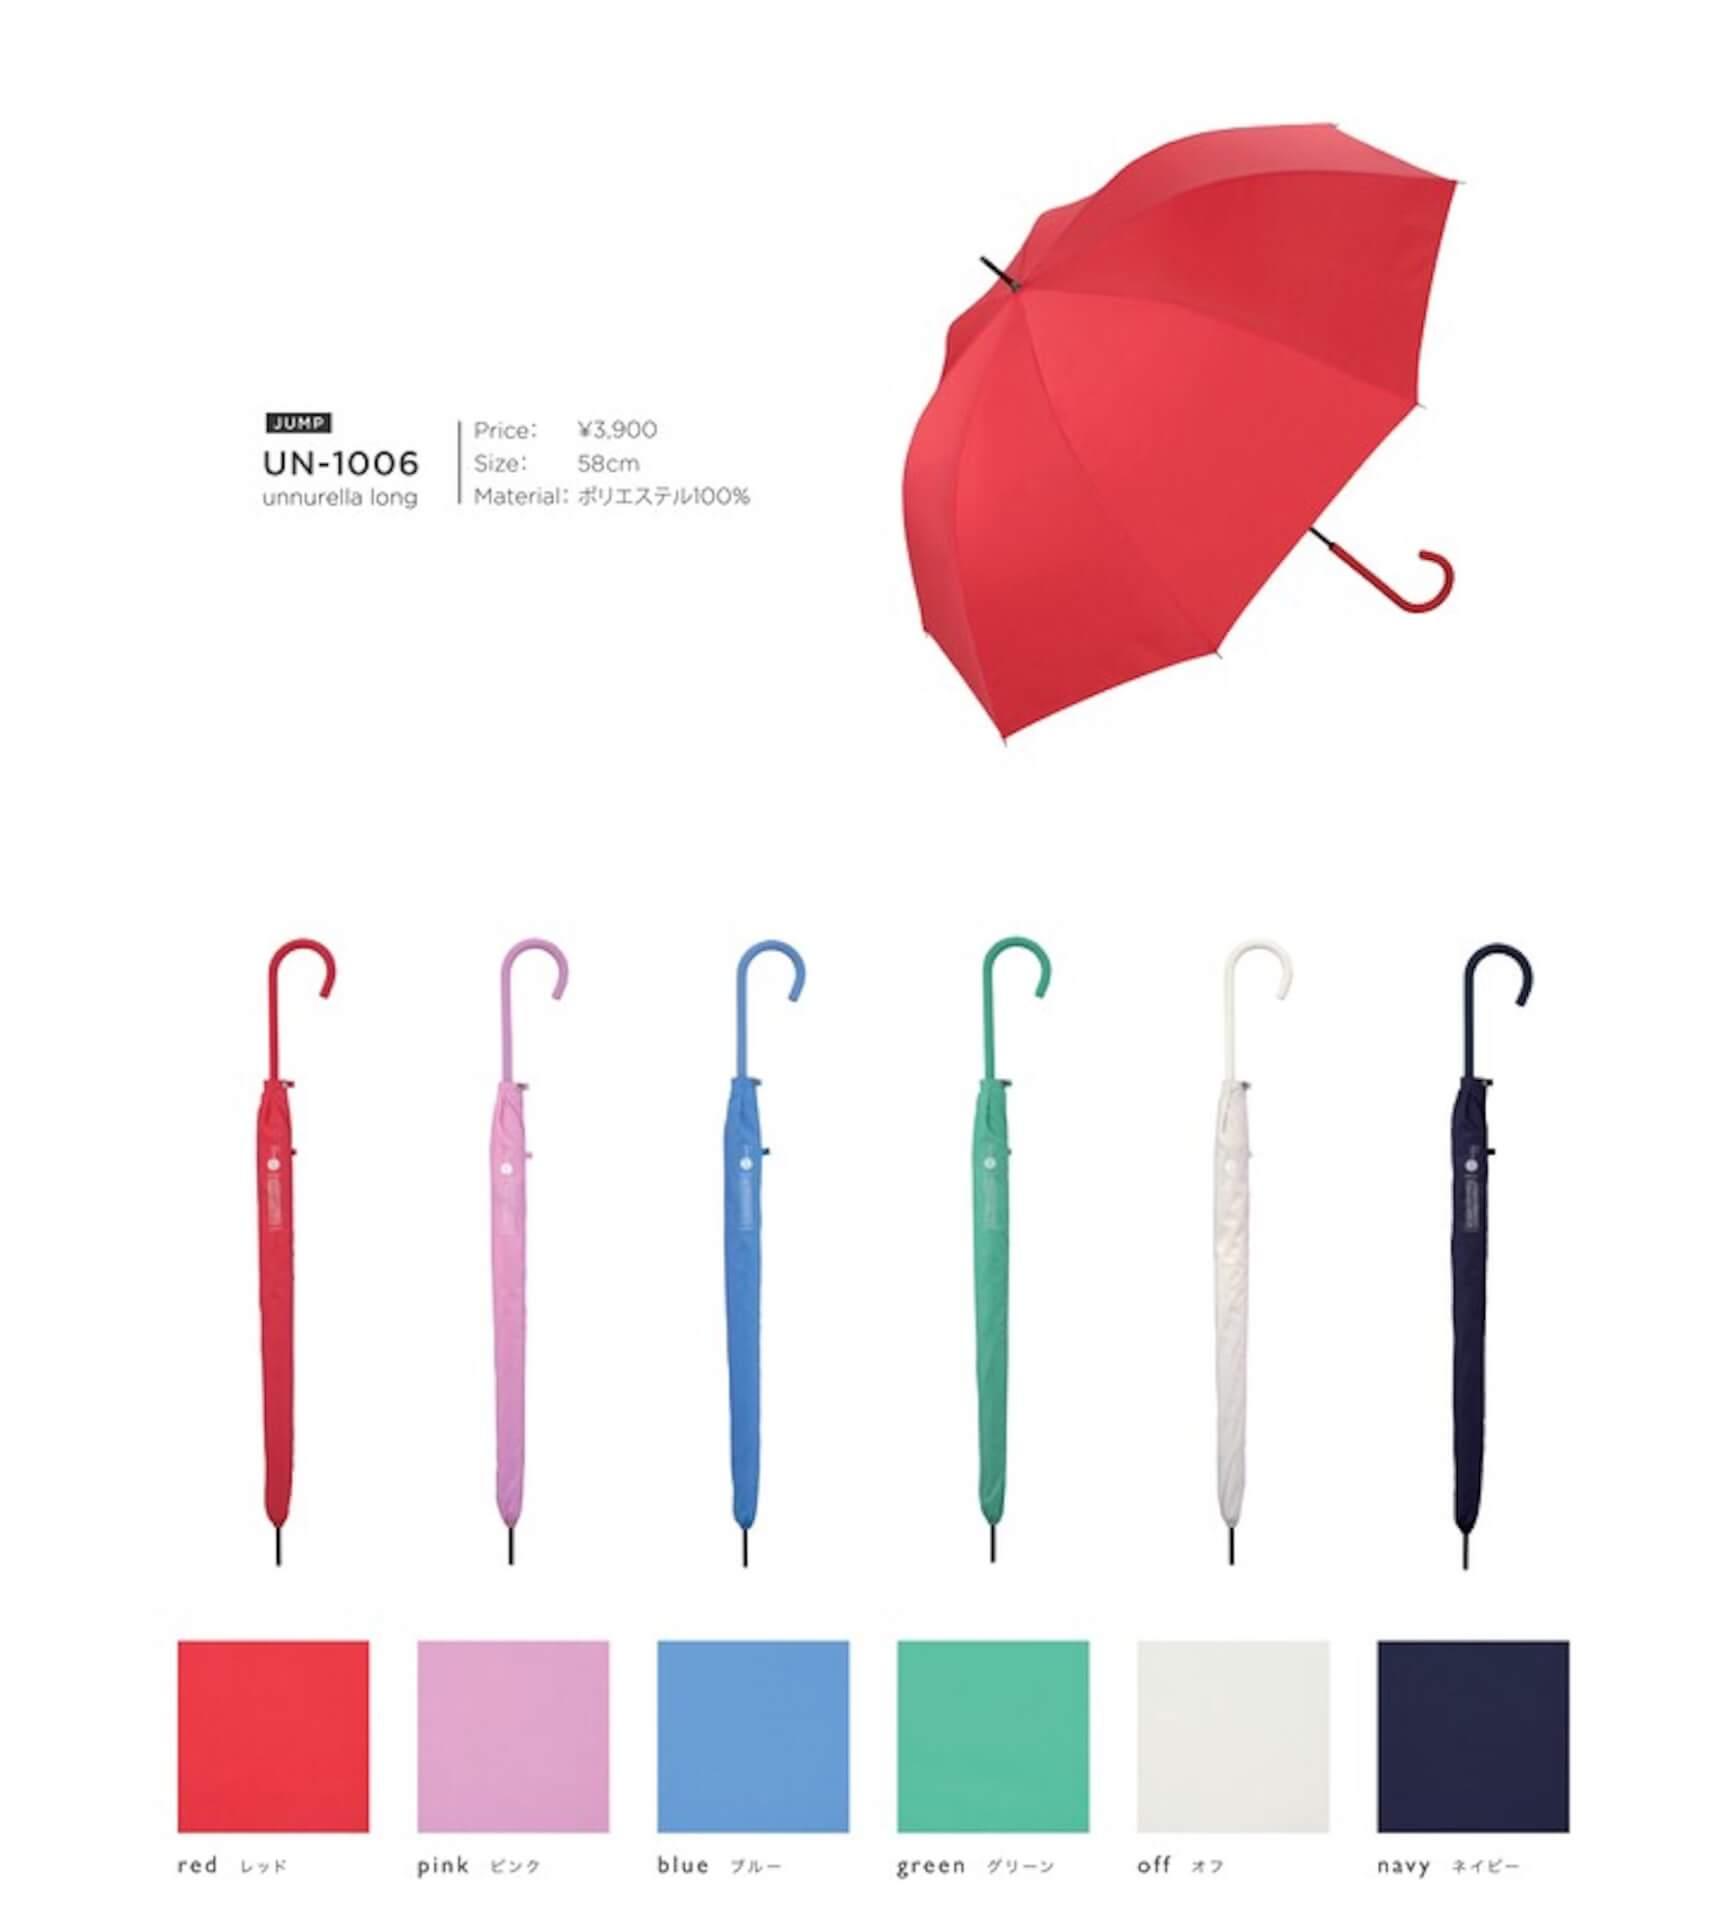 Wpc.(TM)から濡らさない傘『アンヌレラ』が登場!高いはっ水性・防水性で雨水が滴るのをガード lf200622_unnurella_wpc_01